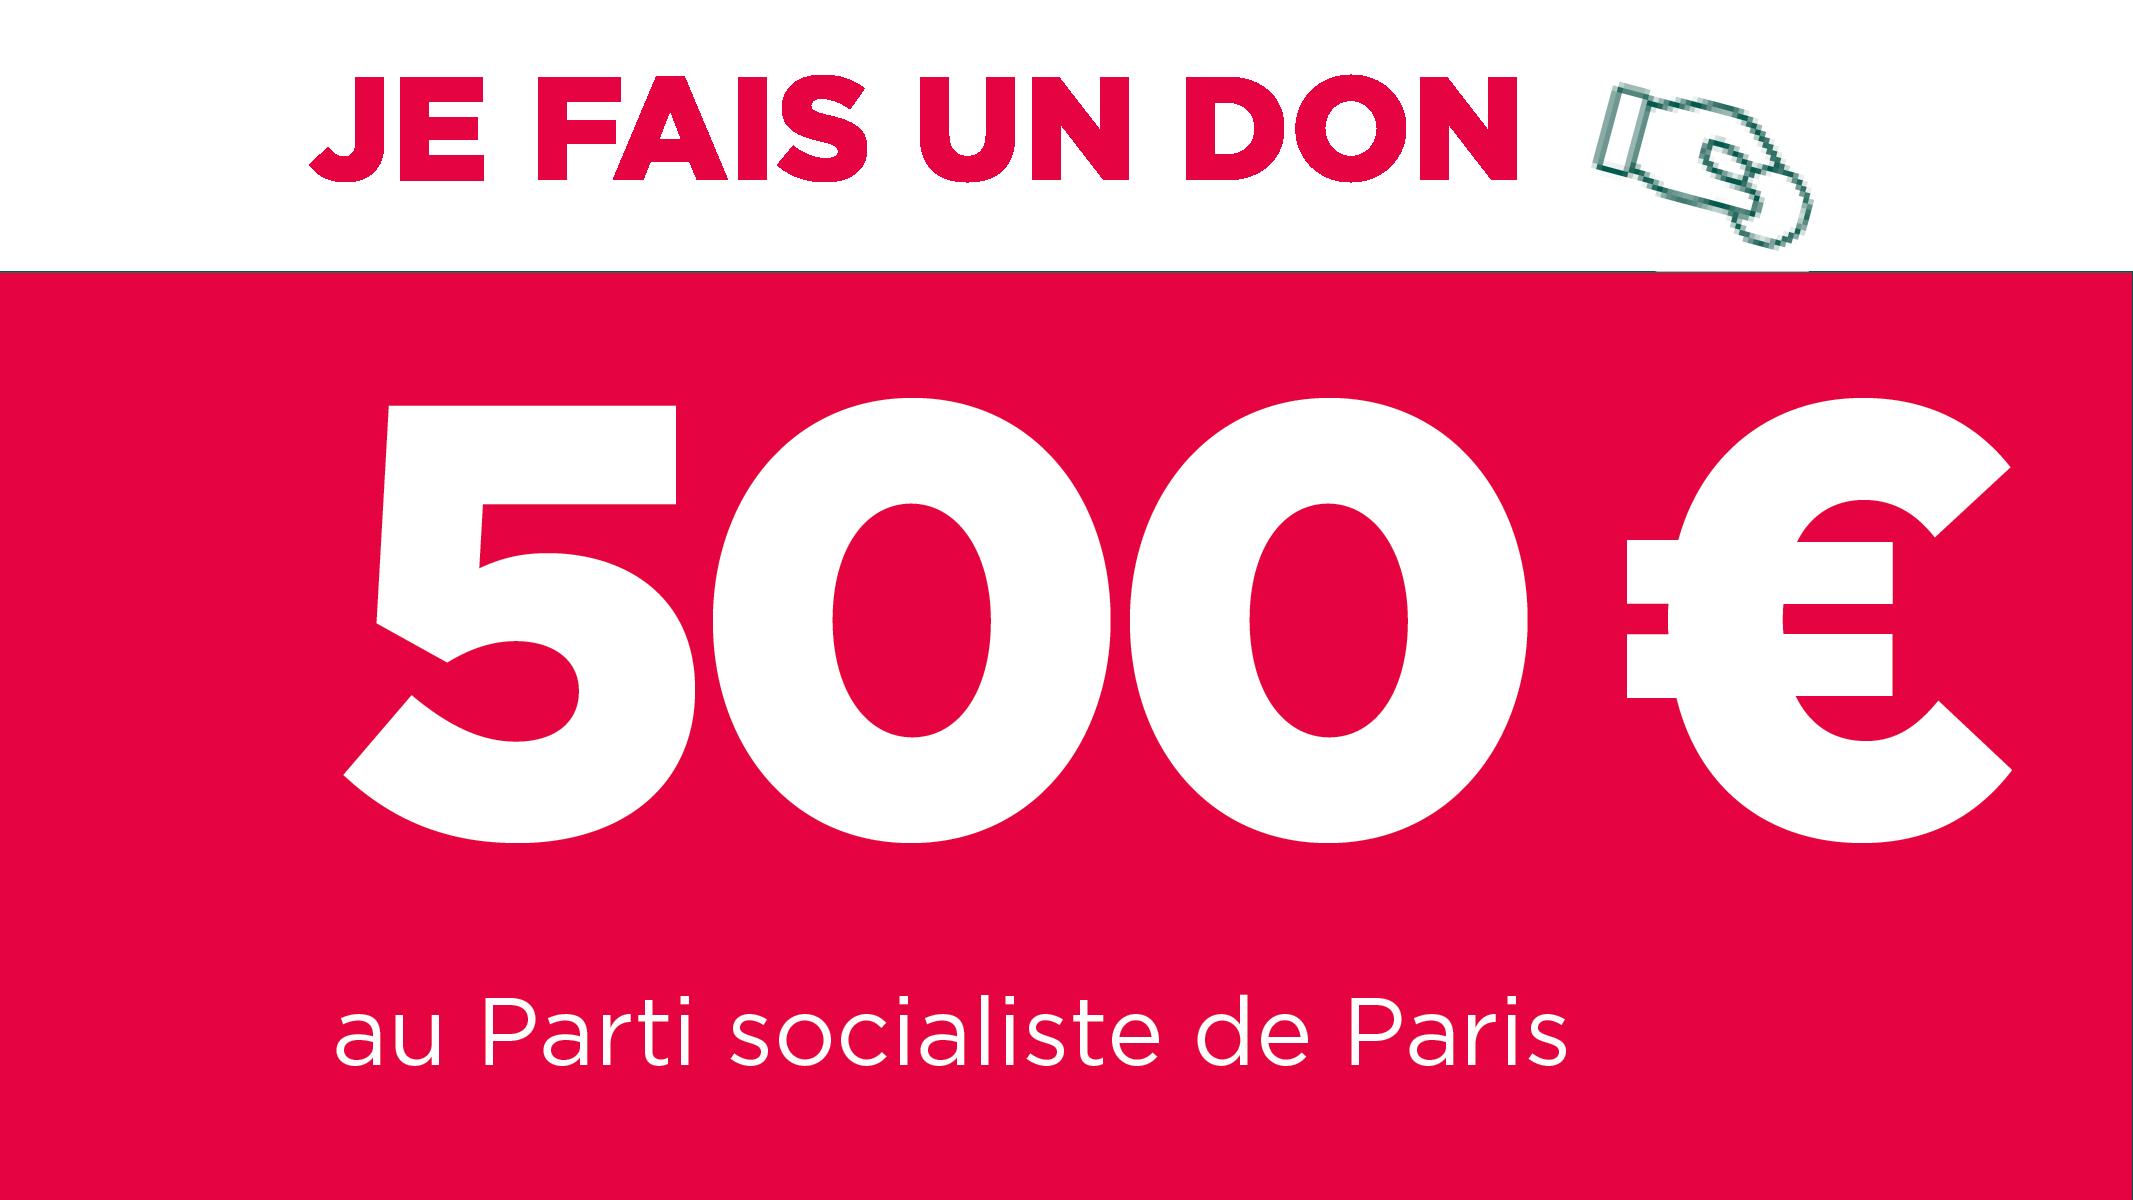 Je fais un don de 500€ au Parti socialiste de Paris